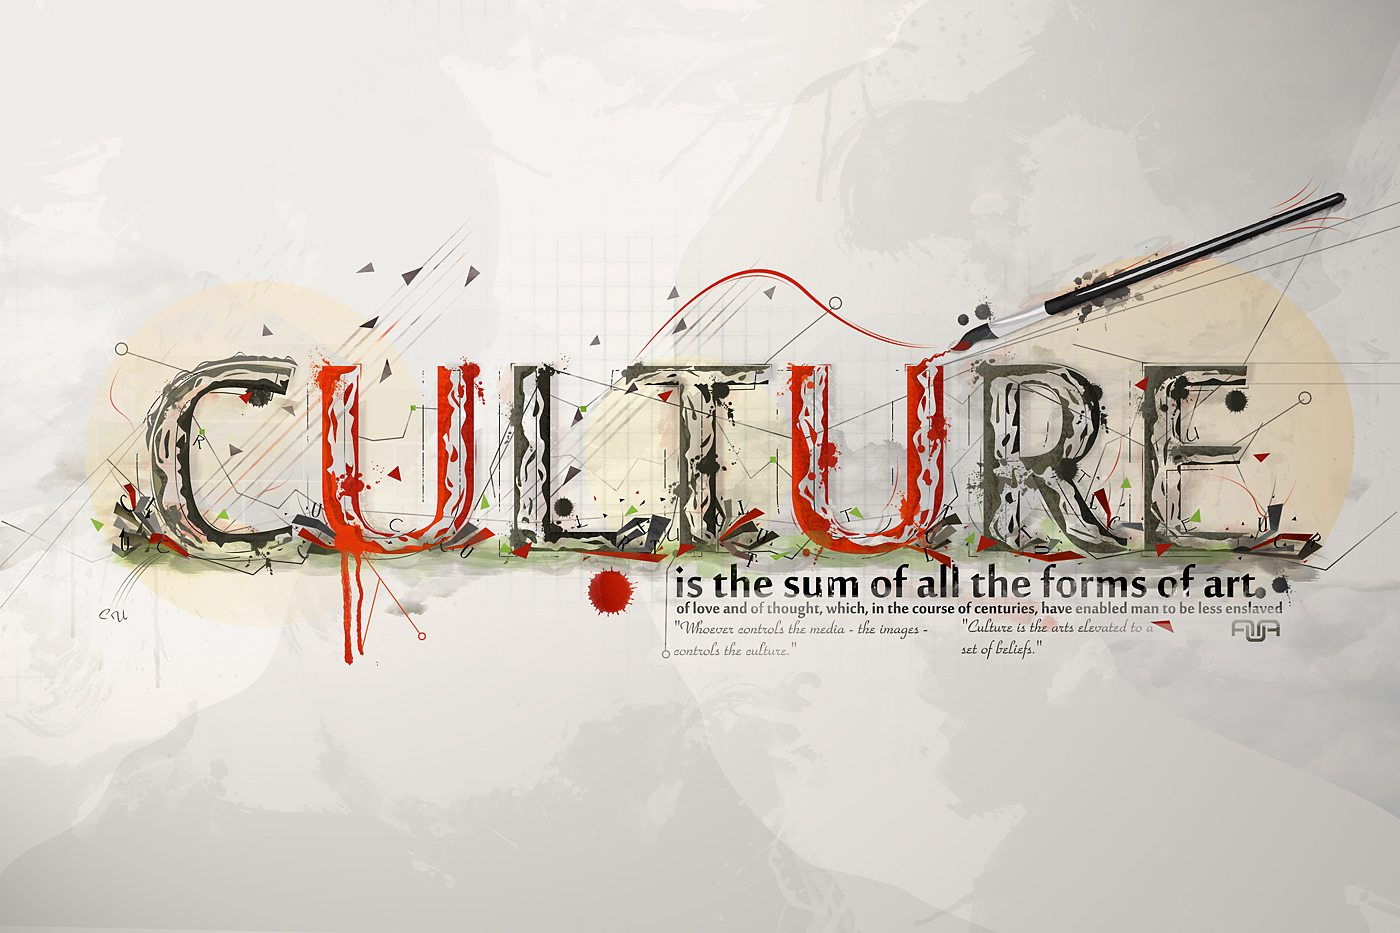 Sự khác nhau giữa văn hóa phương tây và phương đông.